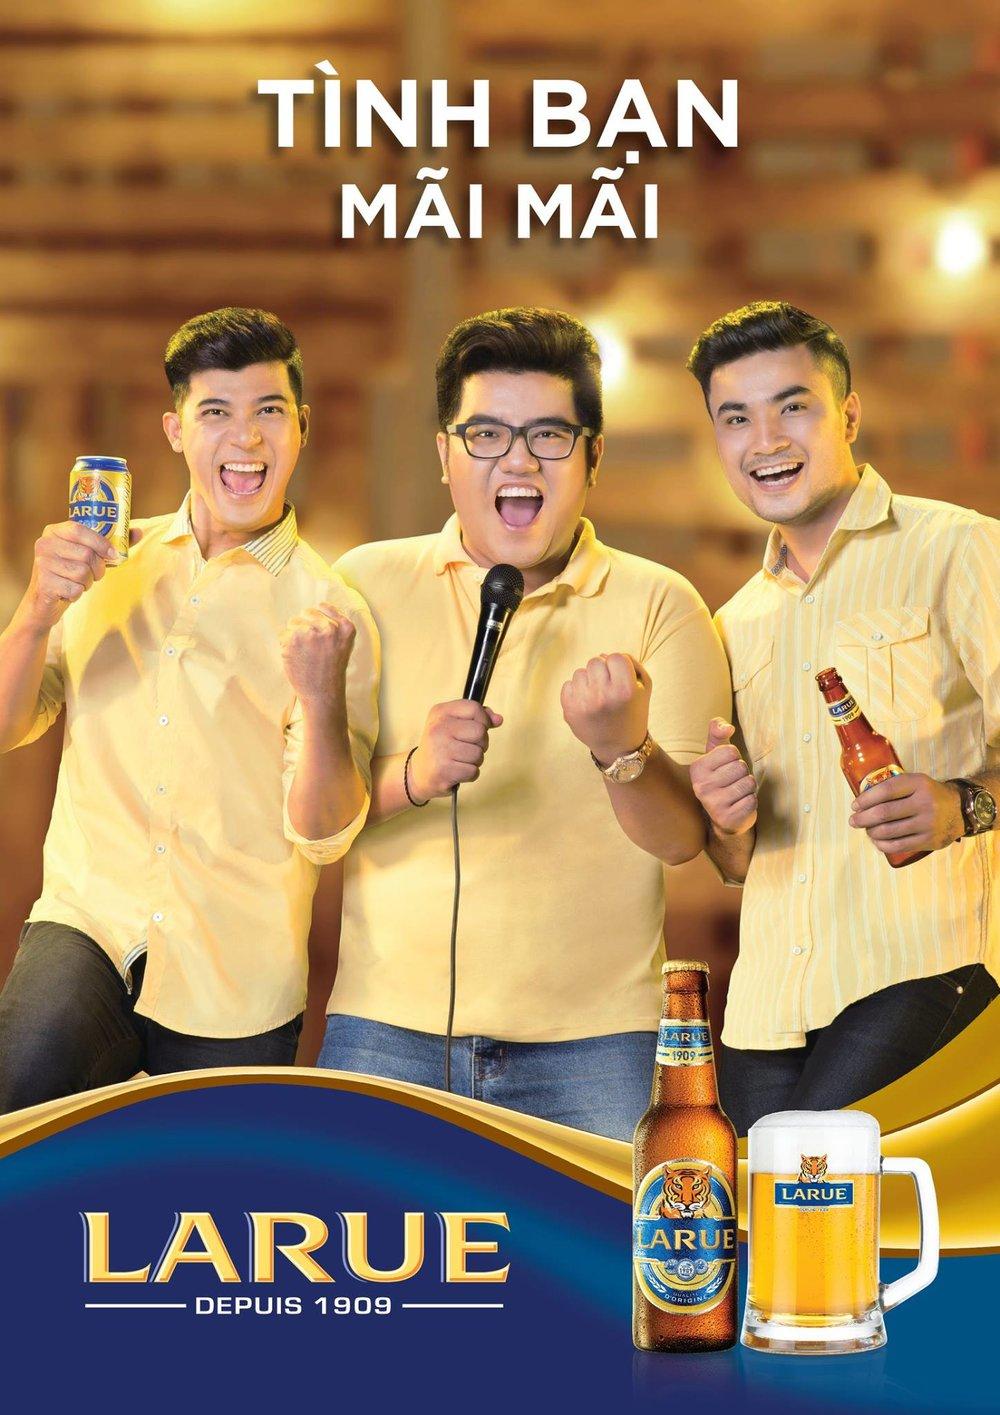 Chụp ảnh quảng cáo sản phẩm bia Larue. Ảnh: MAKI.vn